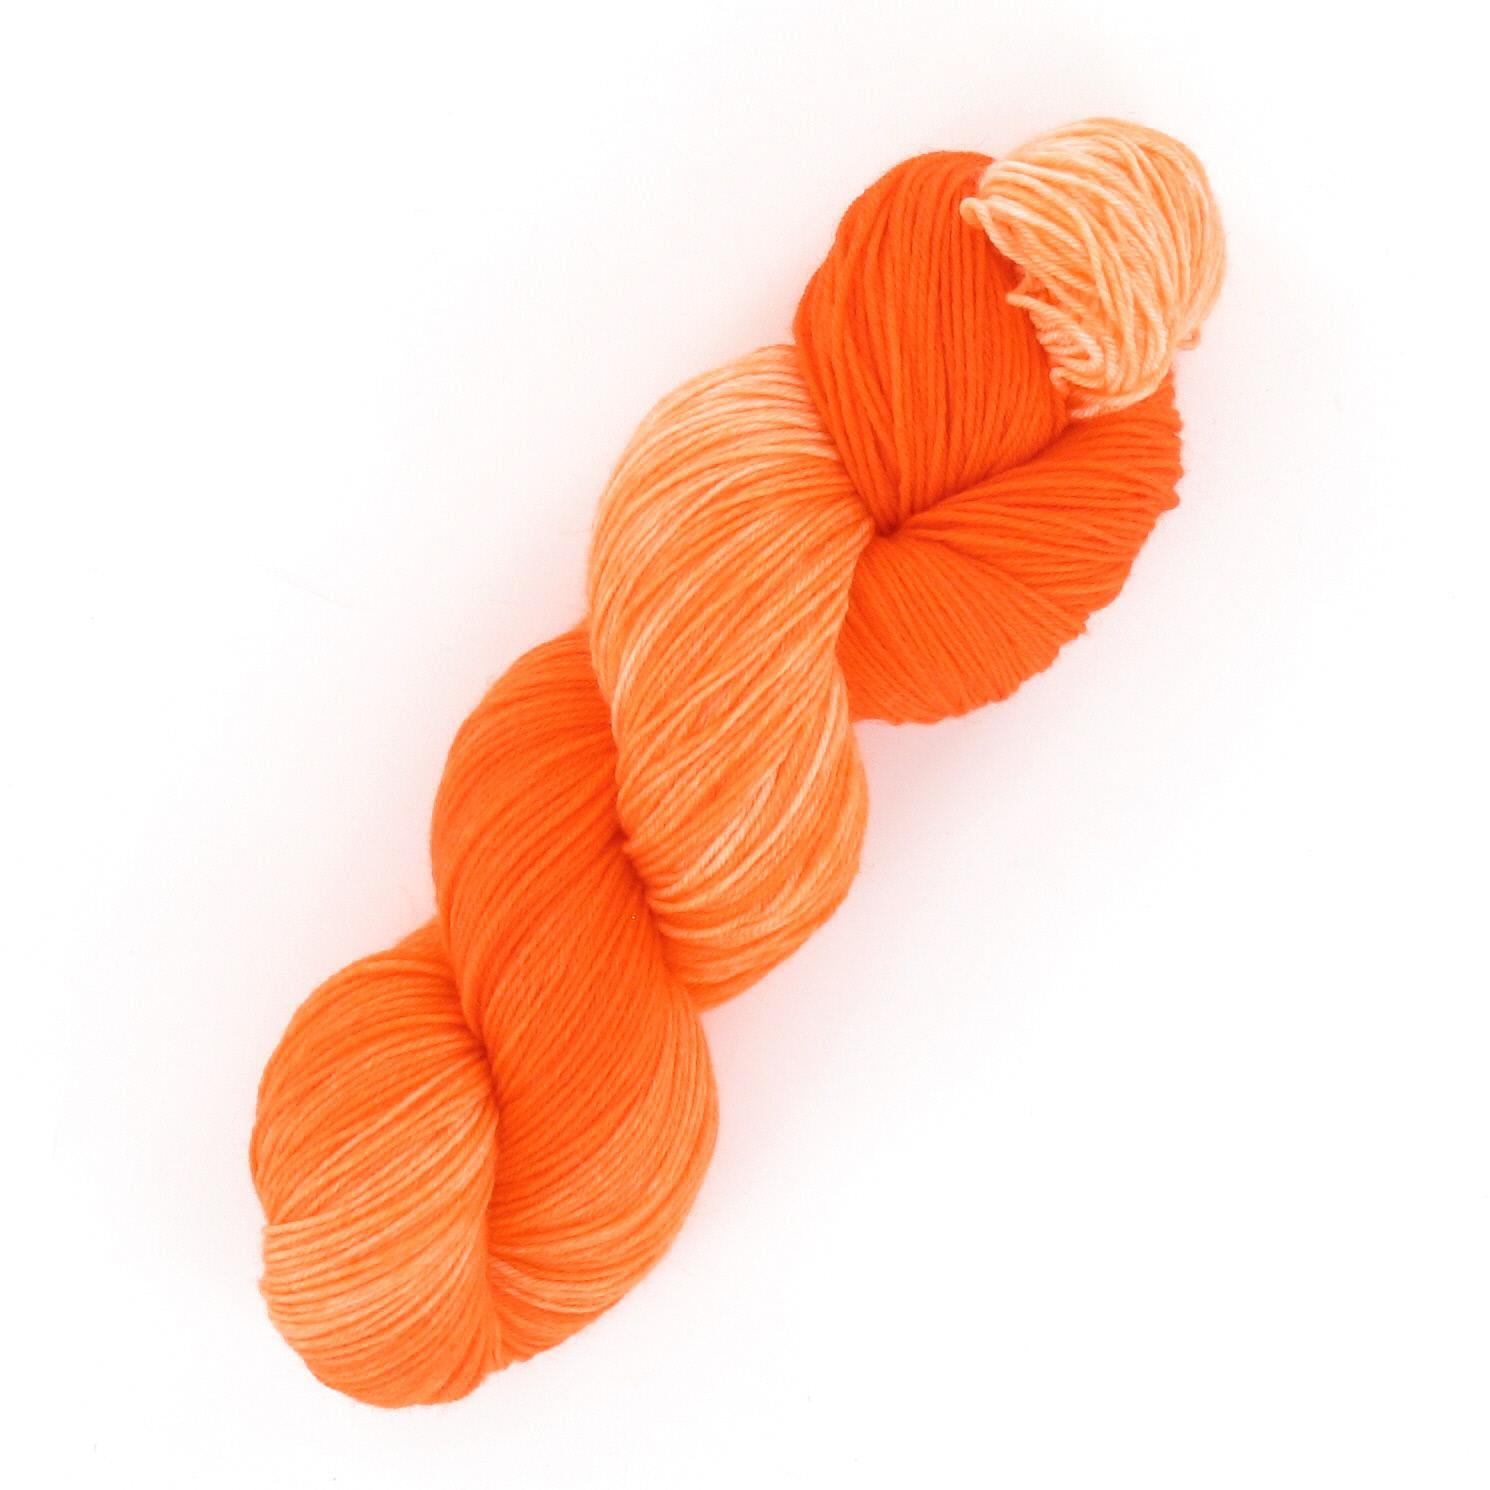 Handgefärbte MERINO  Sockenwolle 4 fach 100 g WILD THING Orange  087